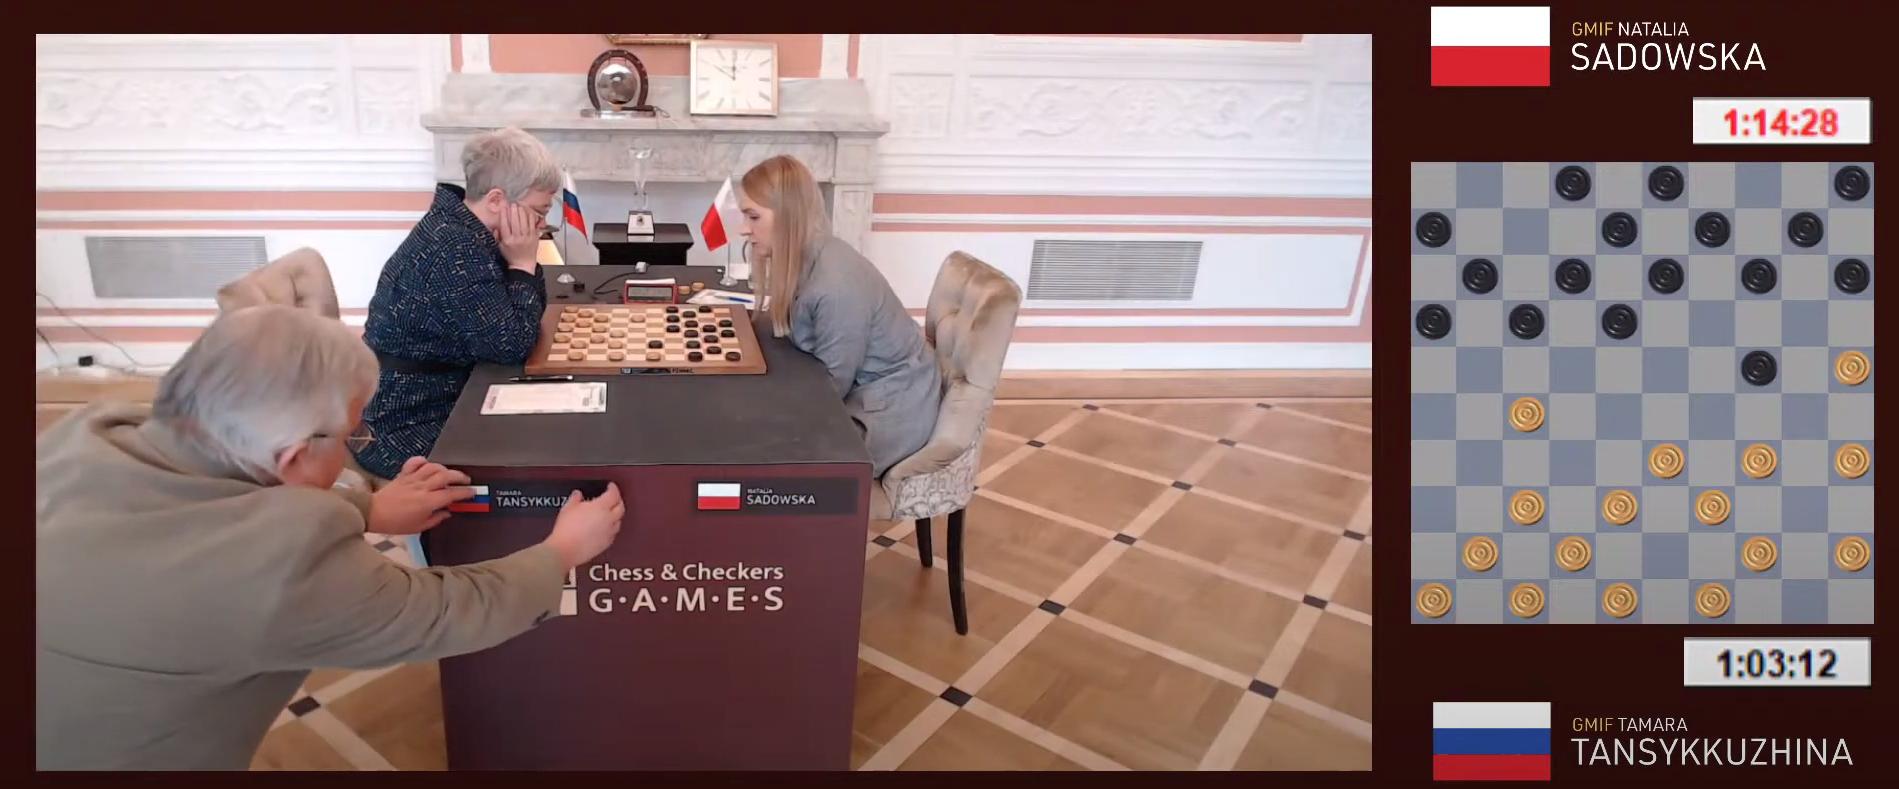 Не знал, как отреагирует Тамара: Организаторы объяснили, почему убрали российский флаг на ЧМ по шашкам